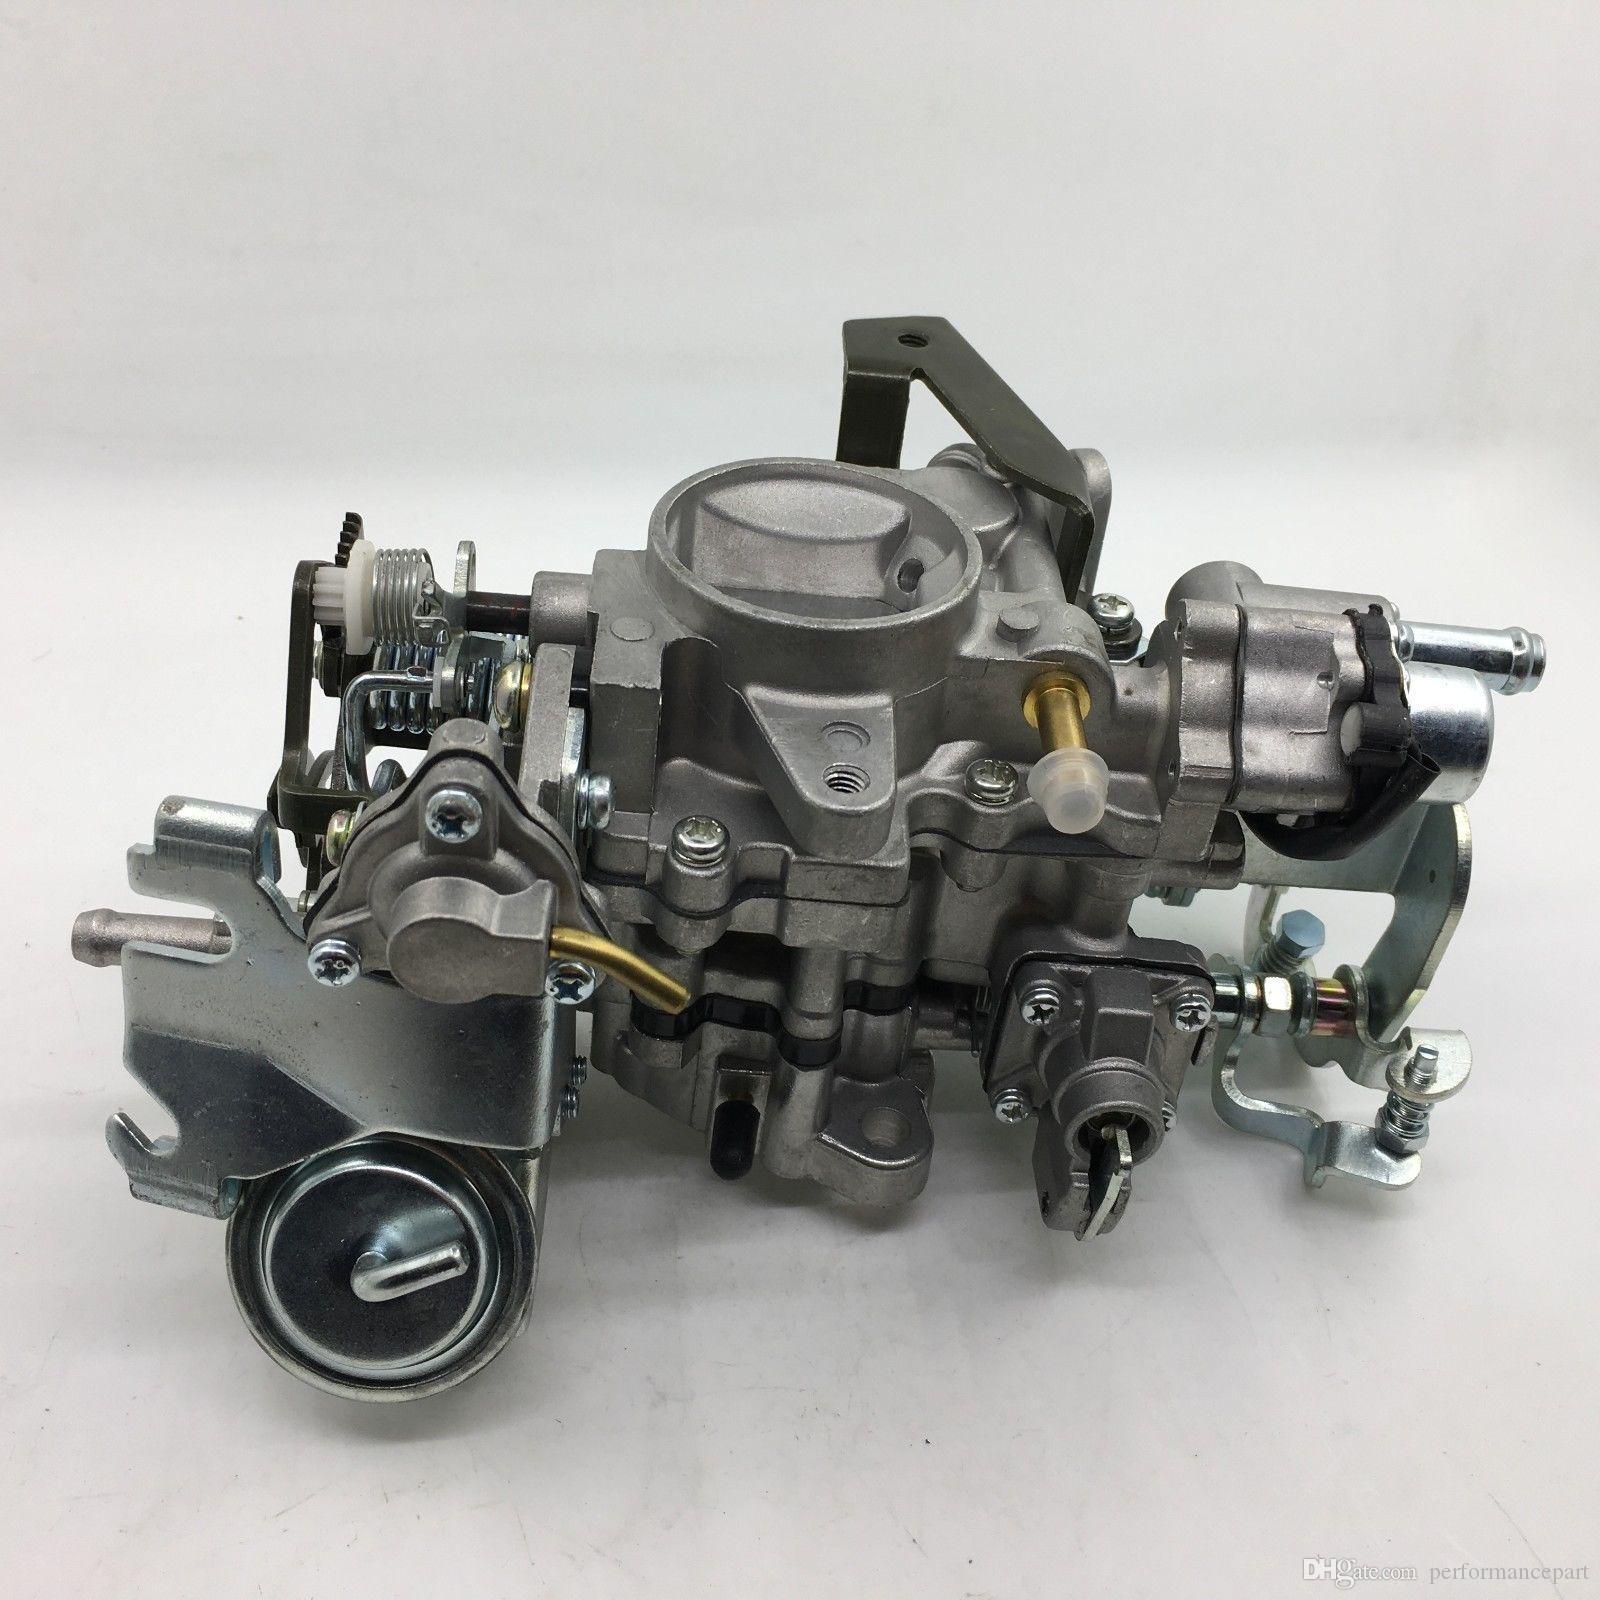 Новый карбюратор замена карбюратора карбюратор подходит Perodua автомобили kancil не 21100-87286